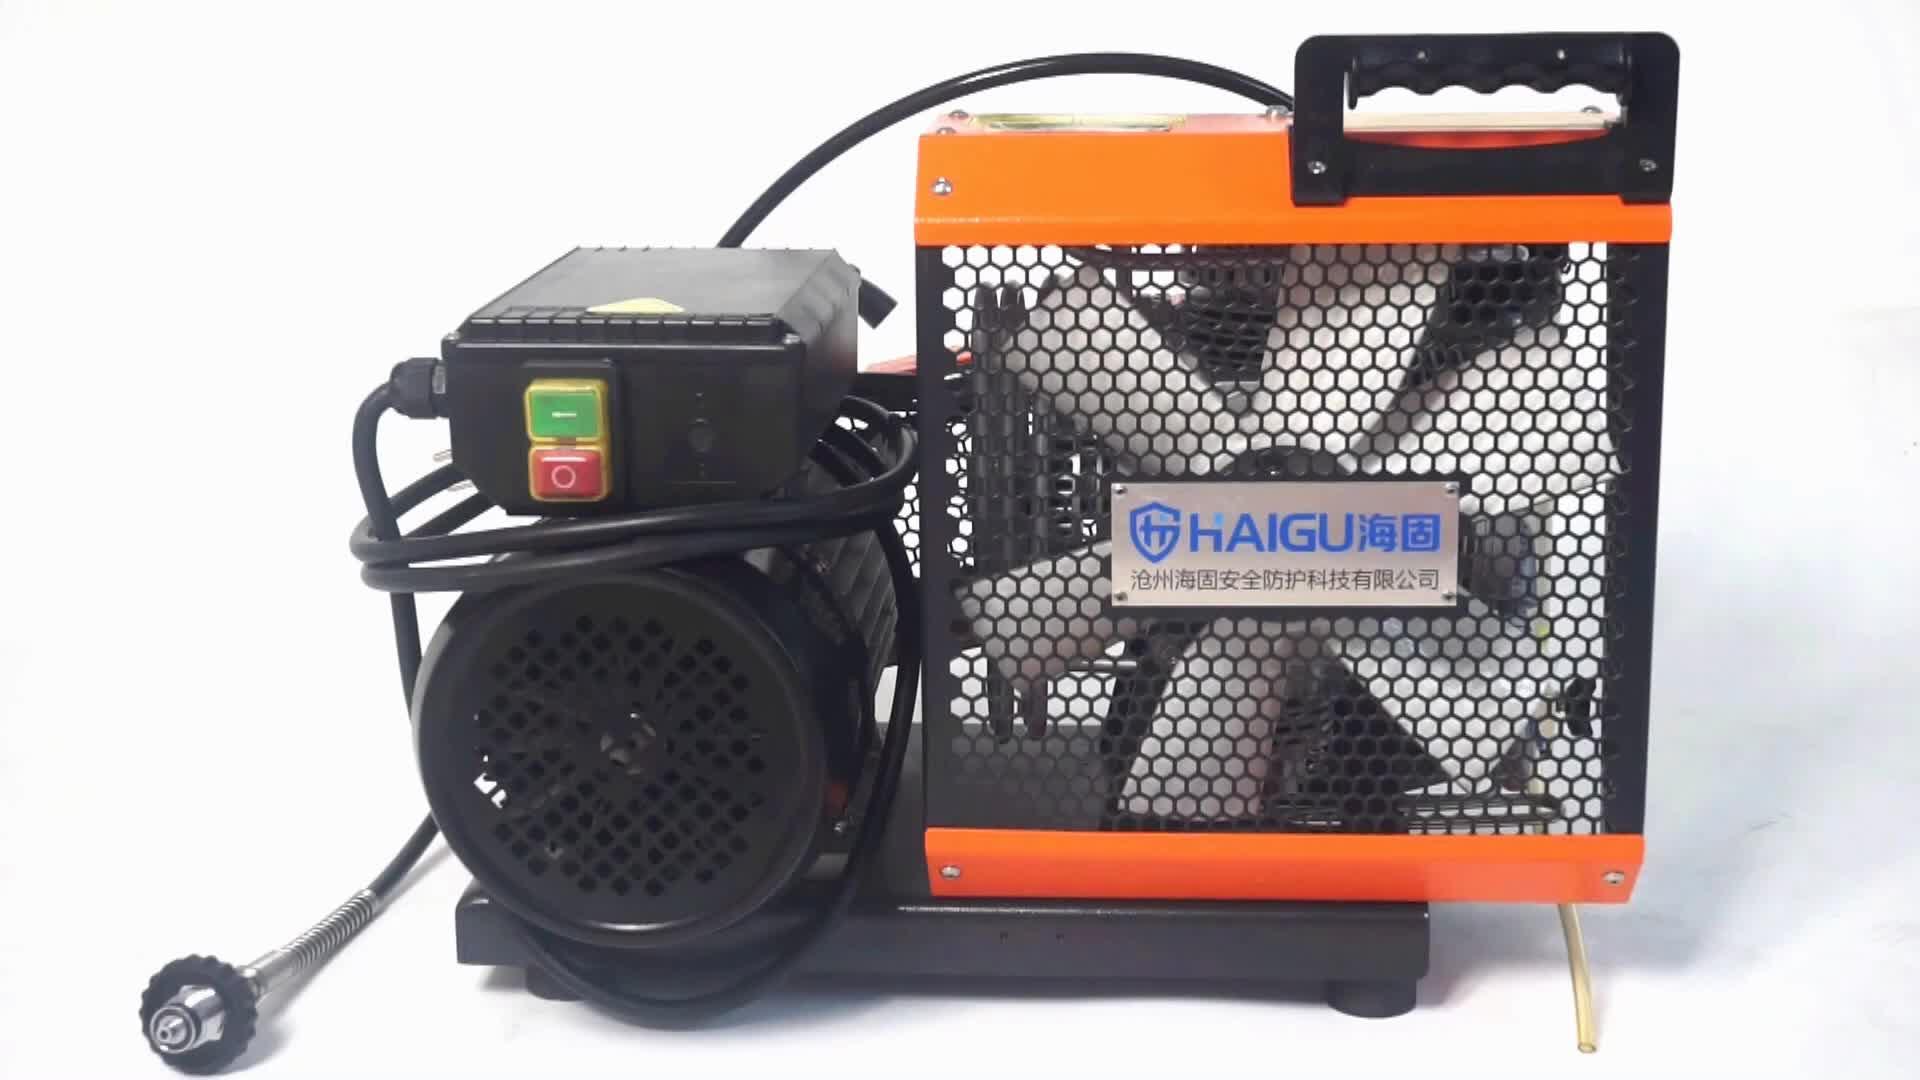 100 בר גבוהה לחץ אוויר משאבת הטוב ביותר מחיר 380 v קטן נייד אוויר מדחס